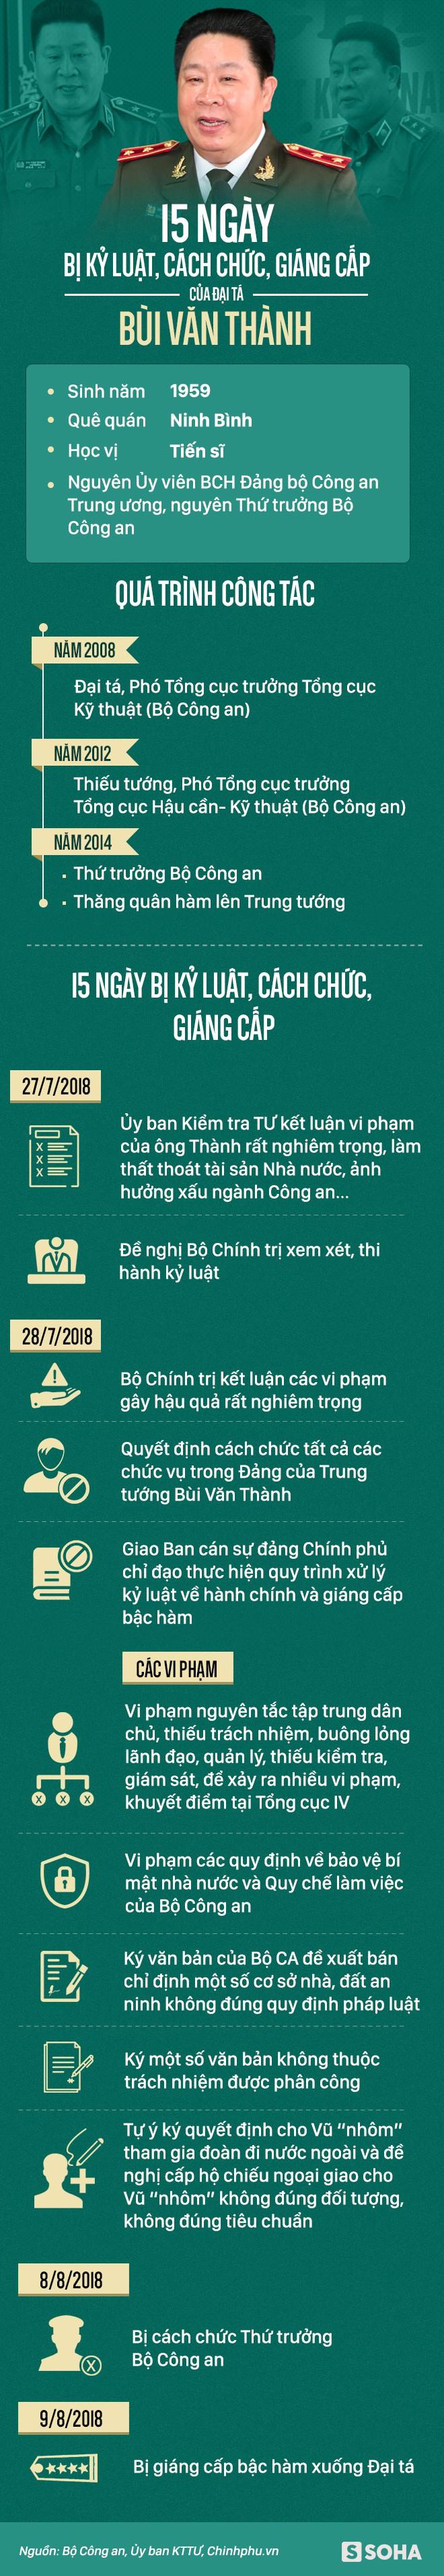 15 ngày bị kỷ luật, cách chức, giáng cấp của Đại tá Bùi Văn Thành - Ảnh 1.